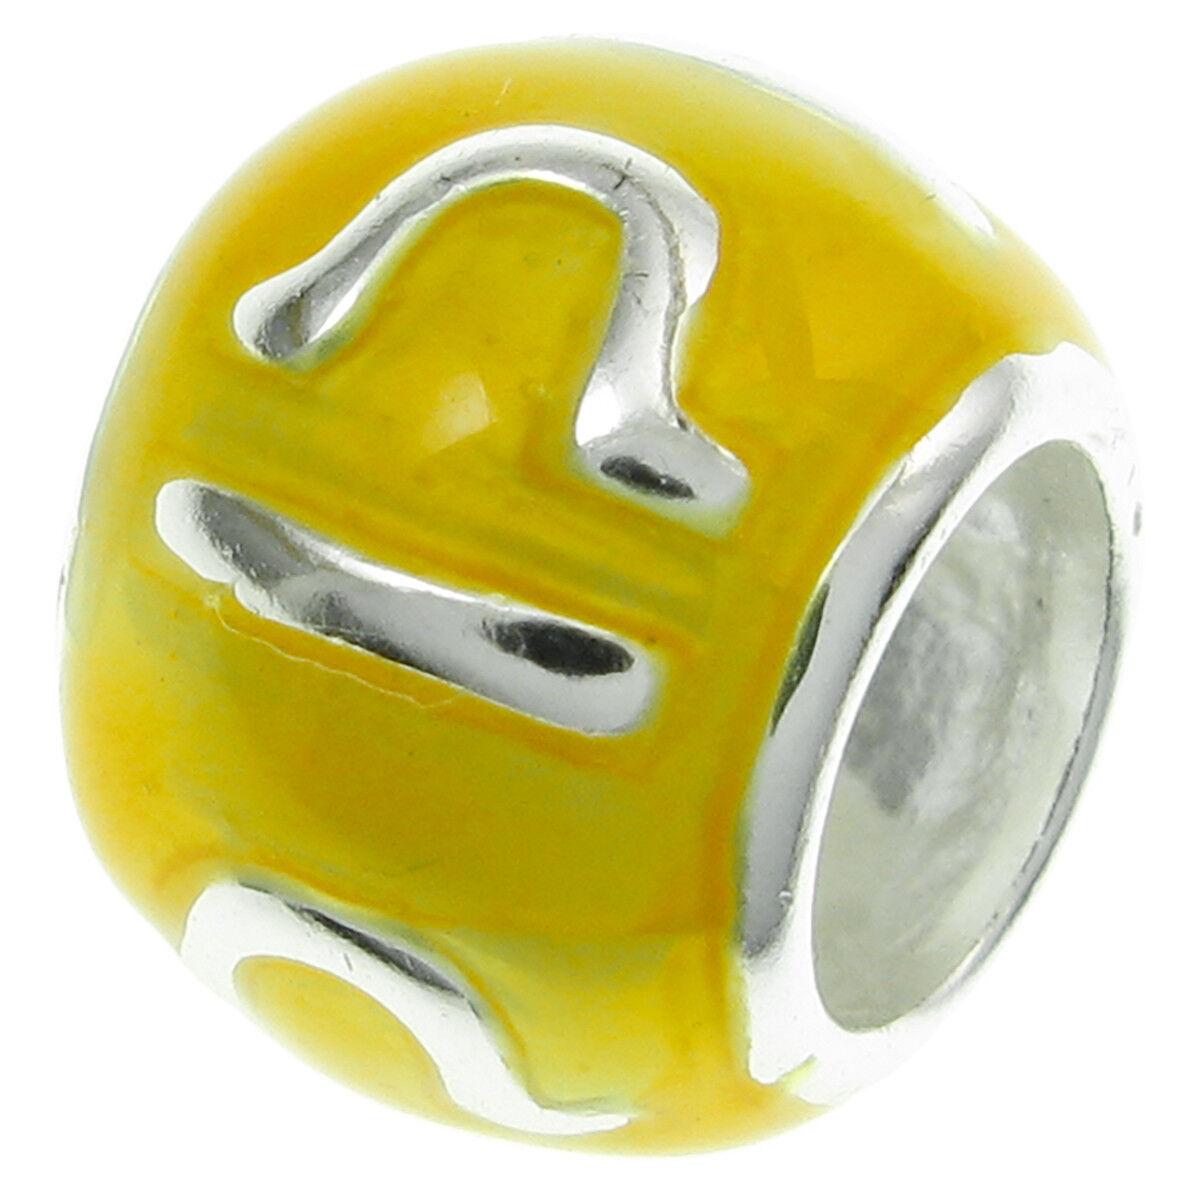 10x Sterling Silver Grommet Eyelet Rivet For European Bead Charm 5mm SX238W-5M